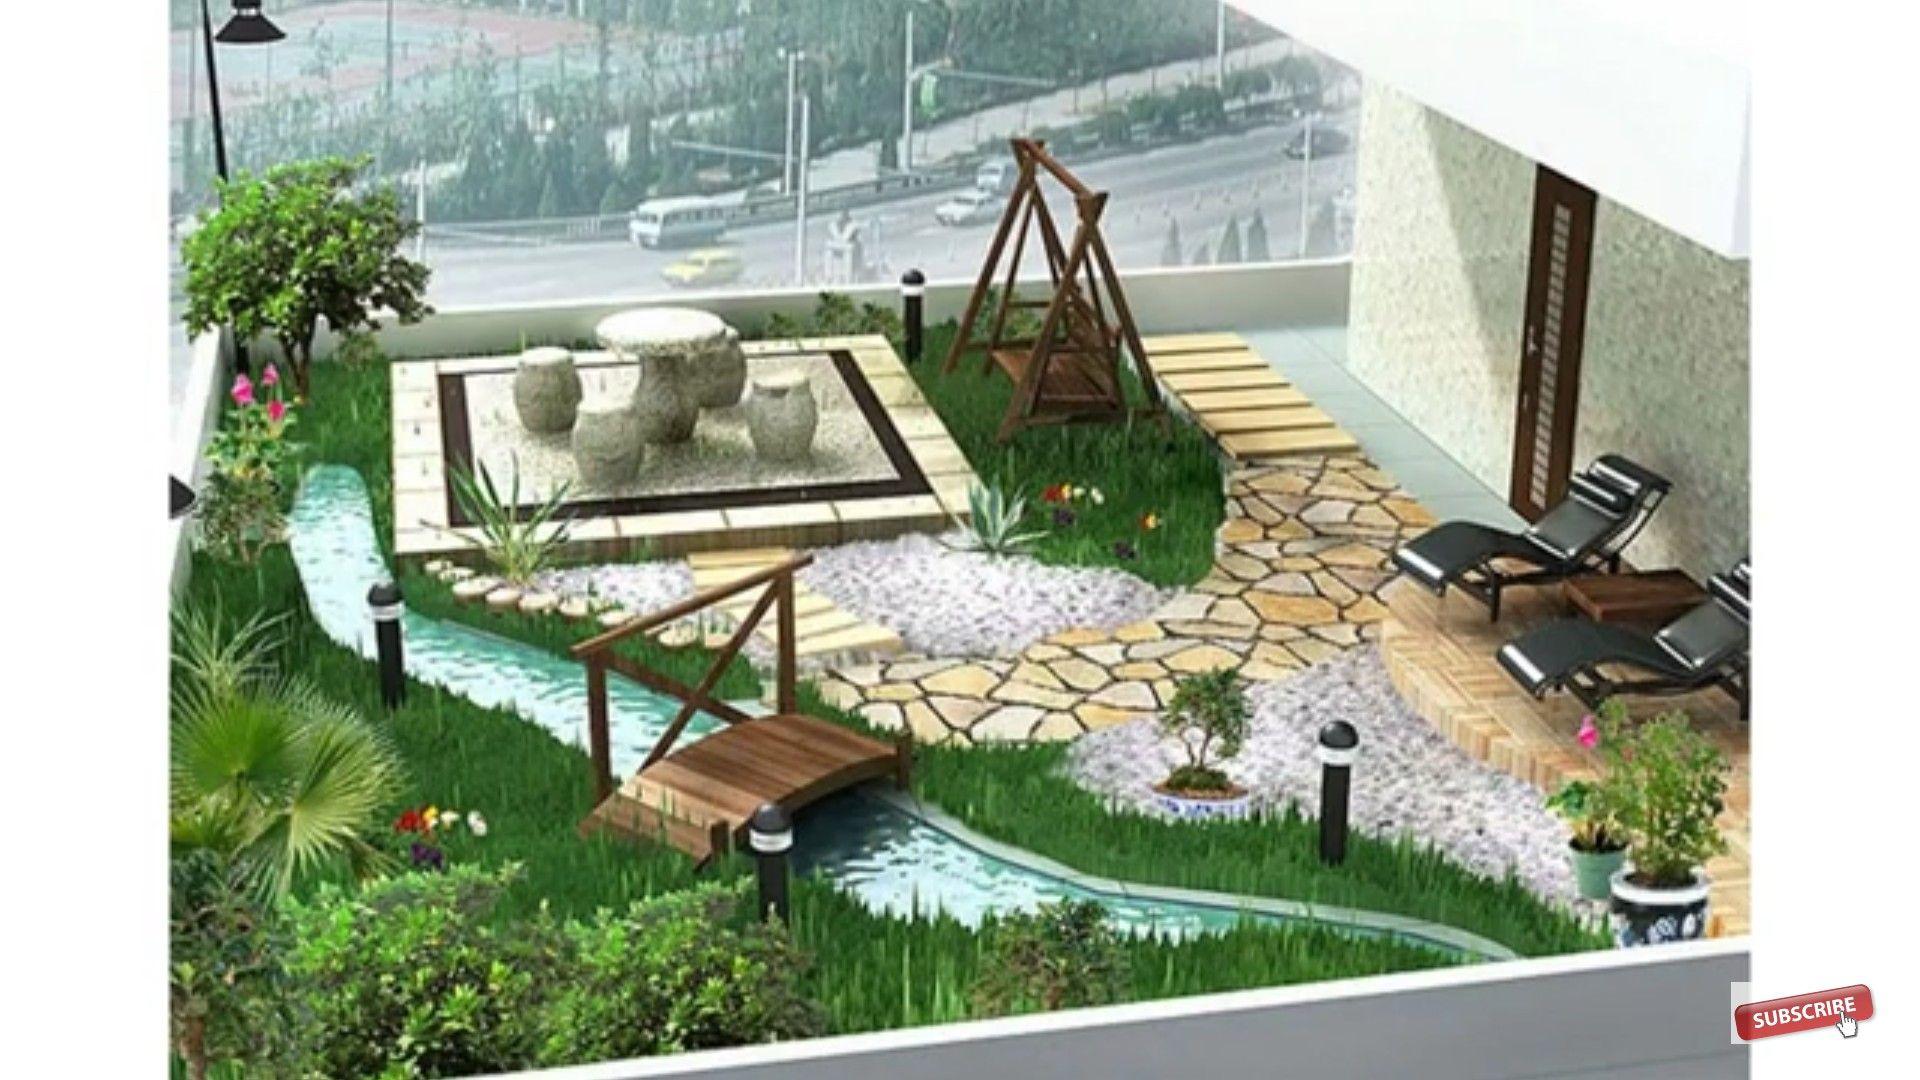 Pin By Noshila Naeem On Home Decor Garden Design Ideas On A Budget Small House Garden Small House Garden Design